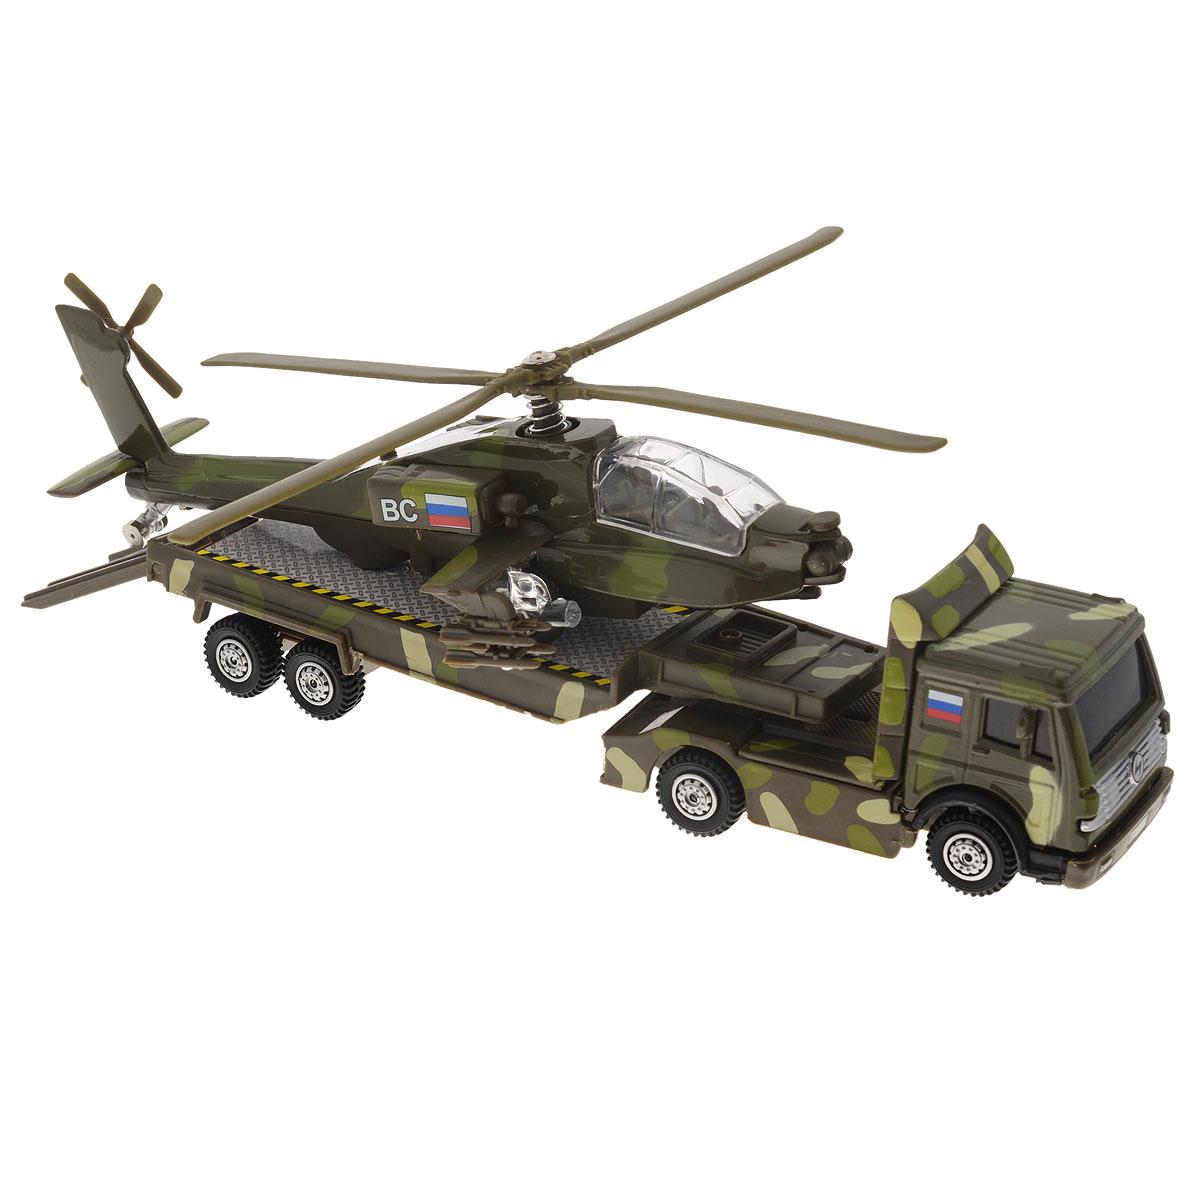 ТехноПарк Игровой набор Вооруженные силыCT10-037-3Игровой набор ТехноПарк Вооруженные силы включает 2 уменьшенных реалистичных копии военной техники: трейлер и вертолет. Модели отличаются высоким качеством исполнения и детализации. Корпус моделей выполнен из металла с элементами из пластика, стекла вертолета - из прочного прозрачного пластика. При нажатии кнопки на корпусе вертолета прозвучат звуки стрельбы и загорятся огоньки в кабине пилота и под крыльями. Прицеп трейлера отсоединяется. Колесики машинки и вертолета крутятся; несущий и хвостовые винты вертолета подвижны. Ваш ребенок часами будет играть с набором, придумывая различные истории. Порадуйте его таким замечательным подарком! Вертолет работает от 3 батареек напряжением 1,5V типа LR41 (товар комплектуется демонстрационными).